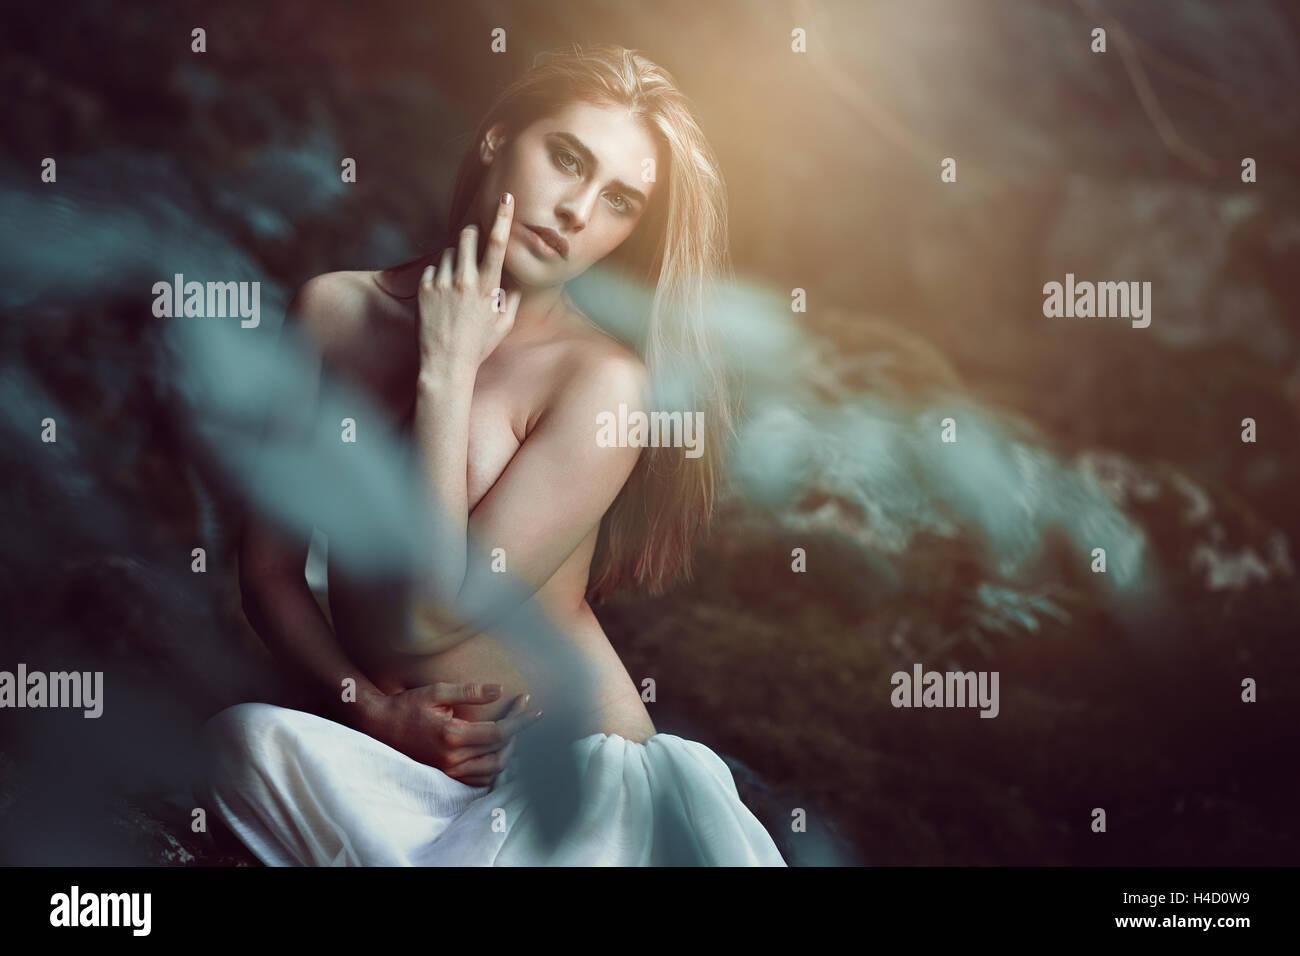 Hermosa hija de los bosques en la suave luz de ensueño. Magia y fantasía Imagen De Stock